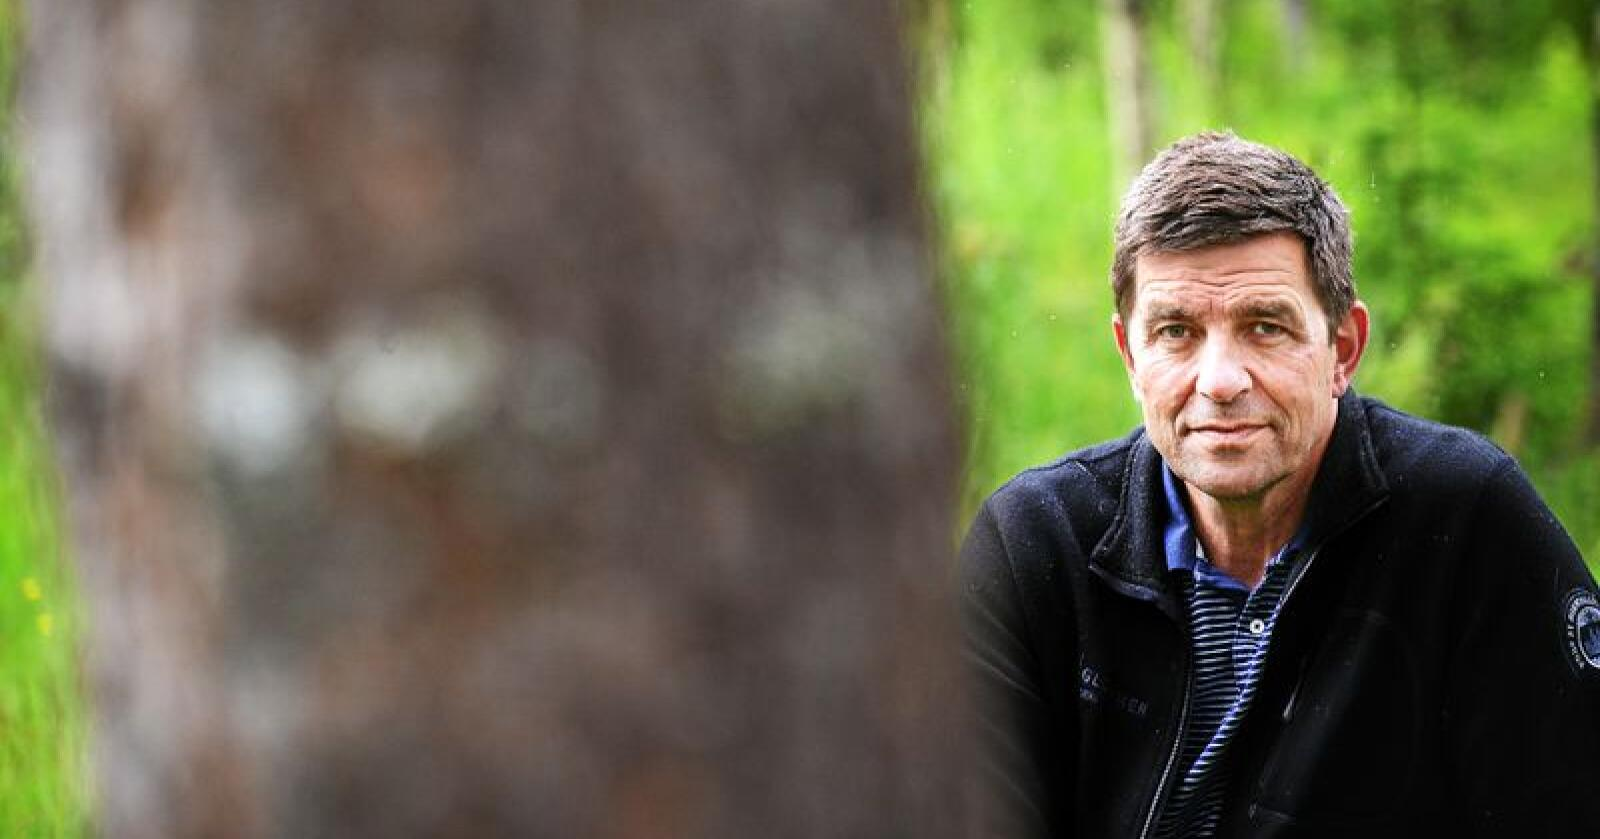 Klimatiltak: Skogen er det billigste klimatiltaket Norge har, skriver Gunnar A. Gundersen. Foto: Siri Juell Rasmussen